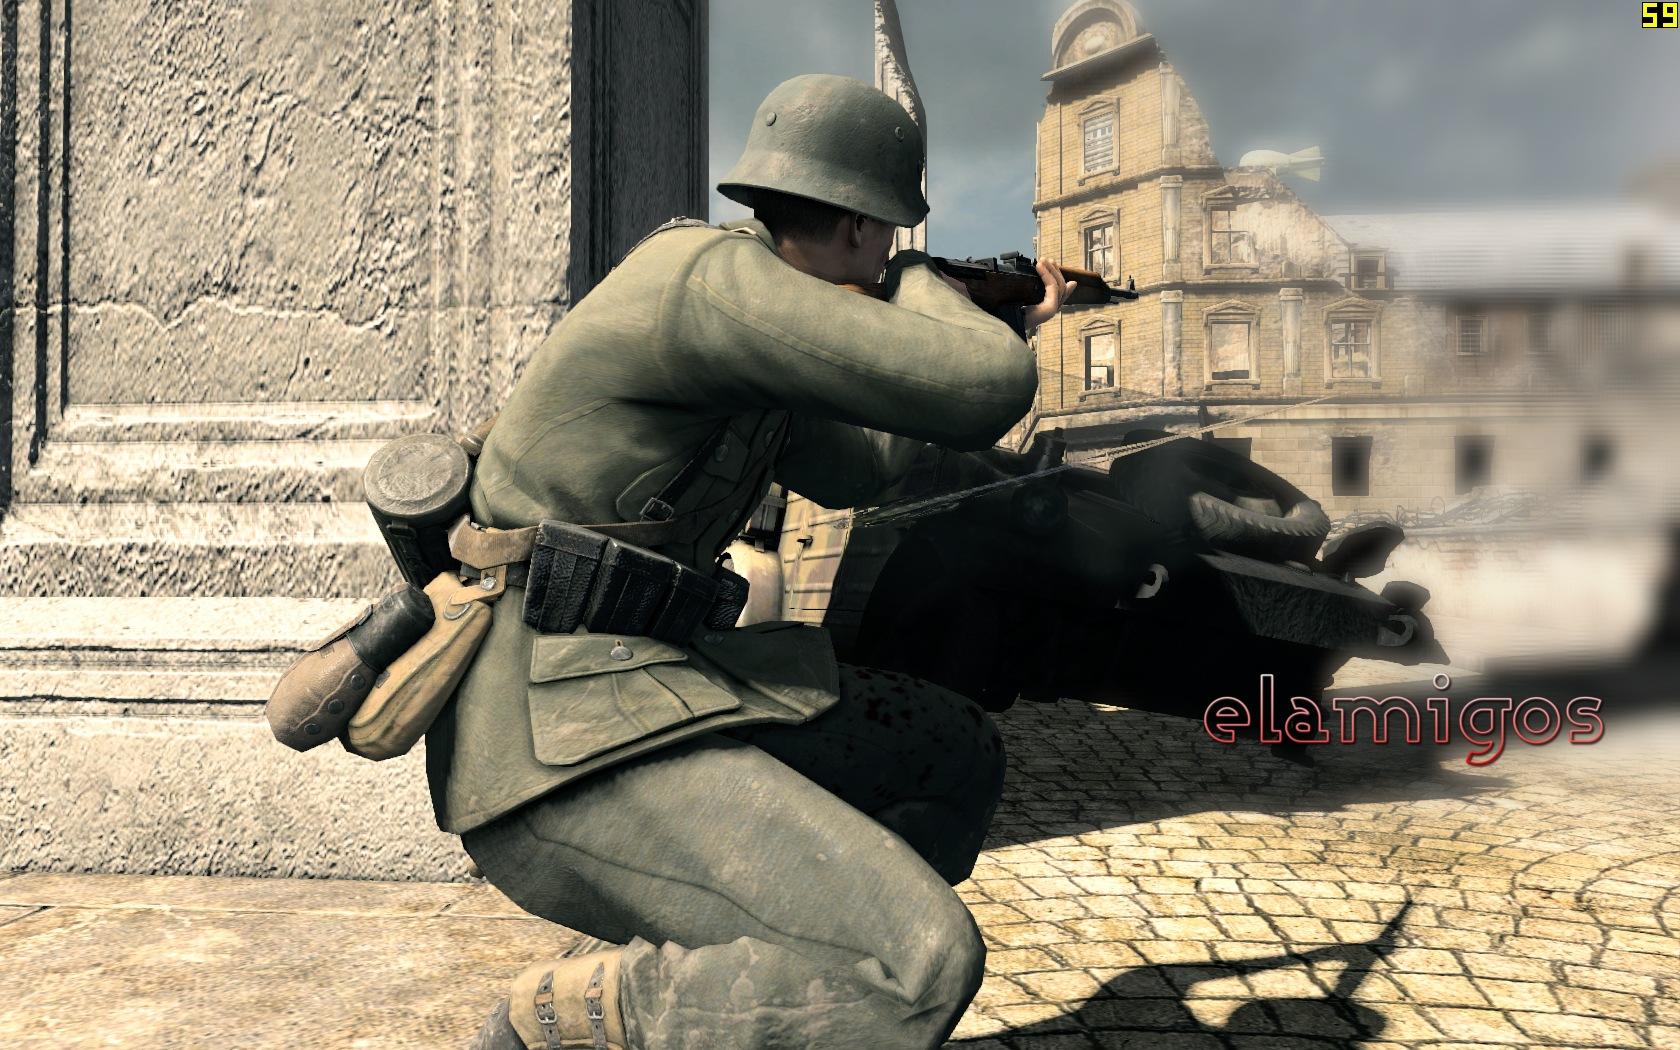 sniper elite v2 game free download for pc